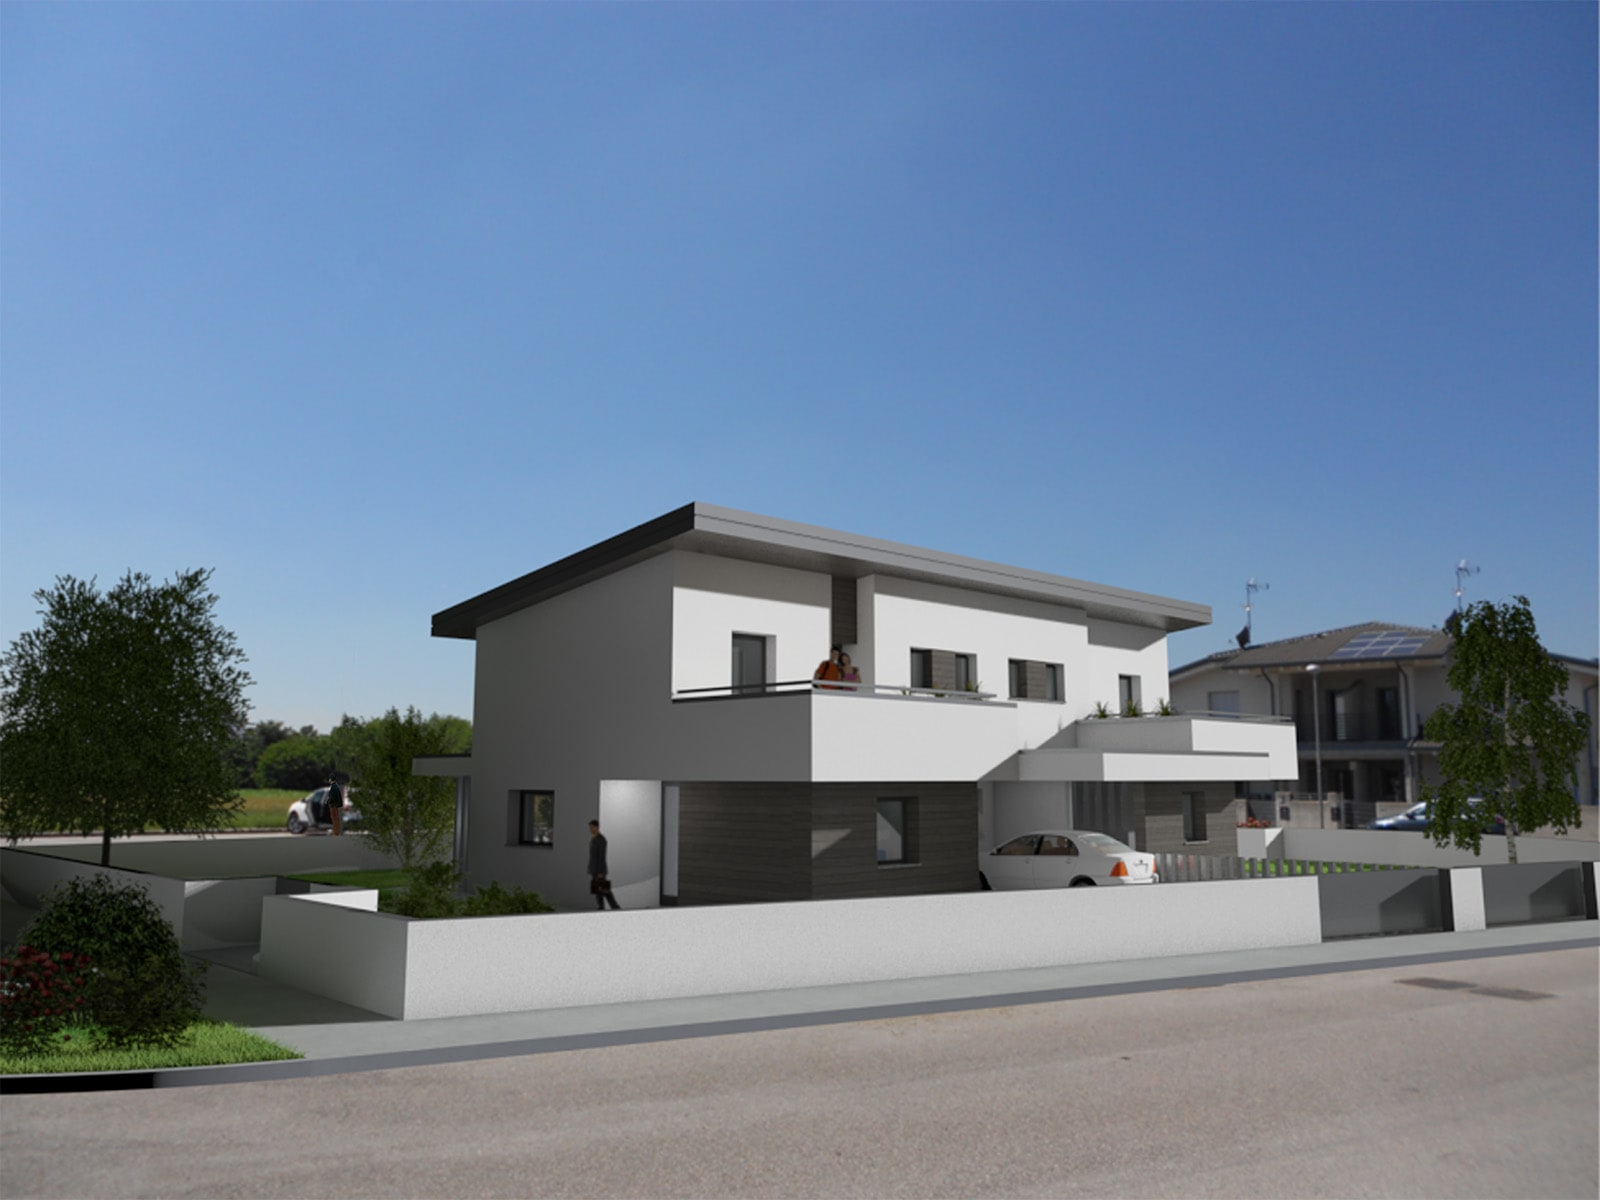 Portici, terrazze e giardini per ivivere anche l'outdoor di queste ville bifamiliari IRIDE costruite in bioedilizia dall'impresa Rossi. F.lli